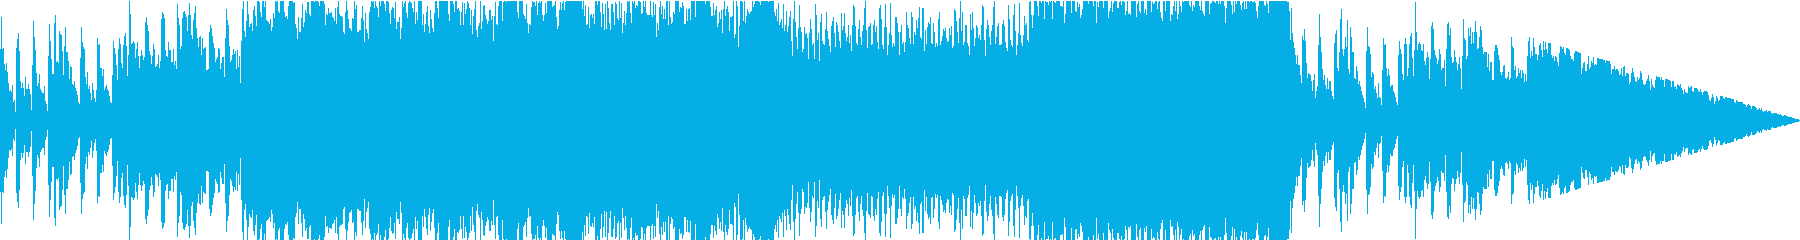 希望の中に新スタートを見つけるBGMの再生済みの波形